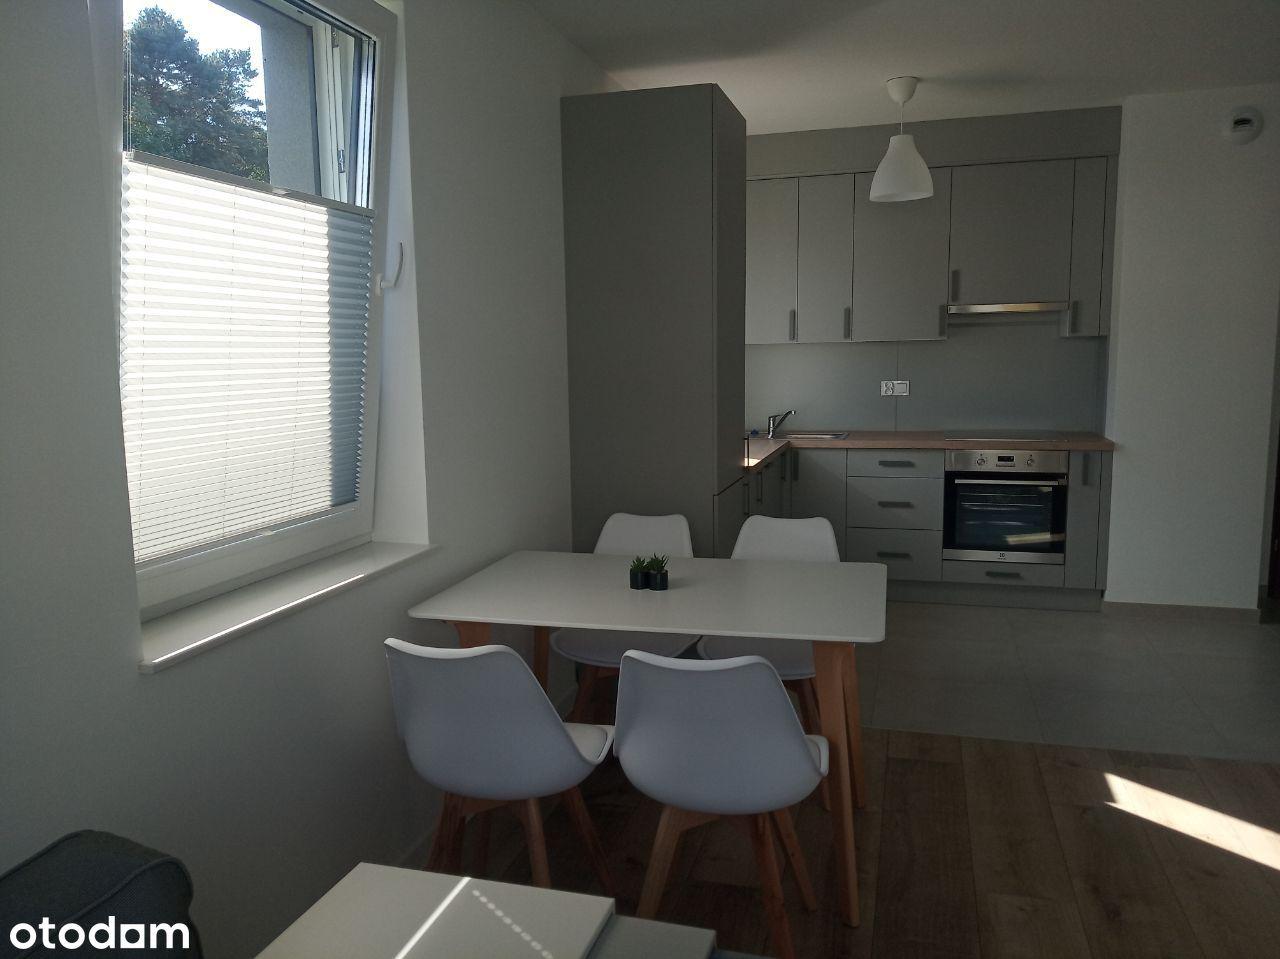 Nowe mieszkanie 2 pokojowe, Tychy, Żwaków, Żorska